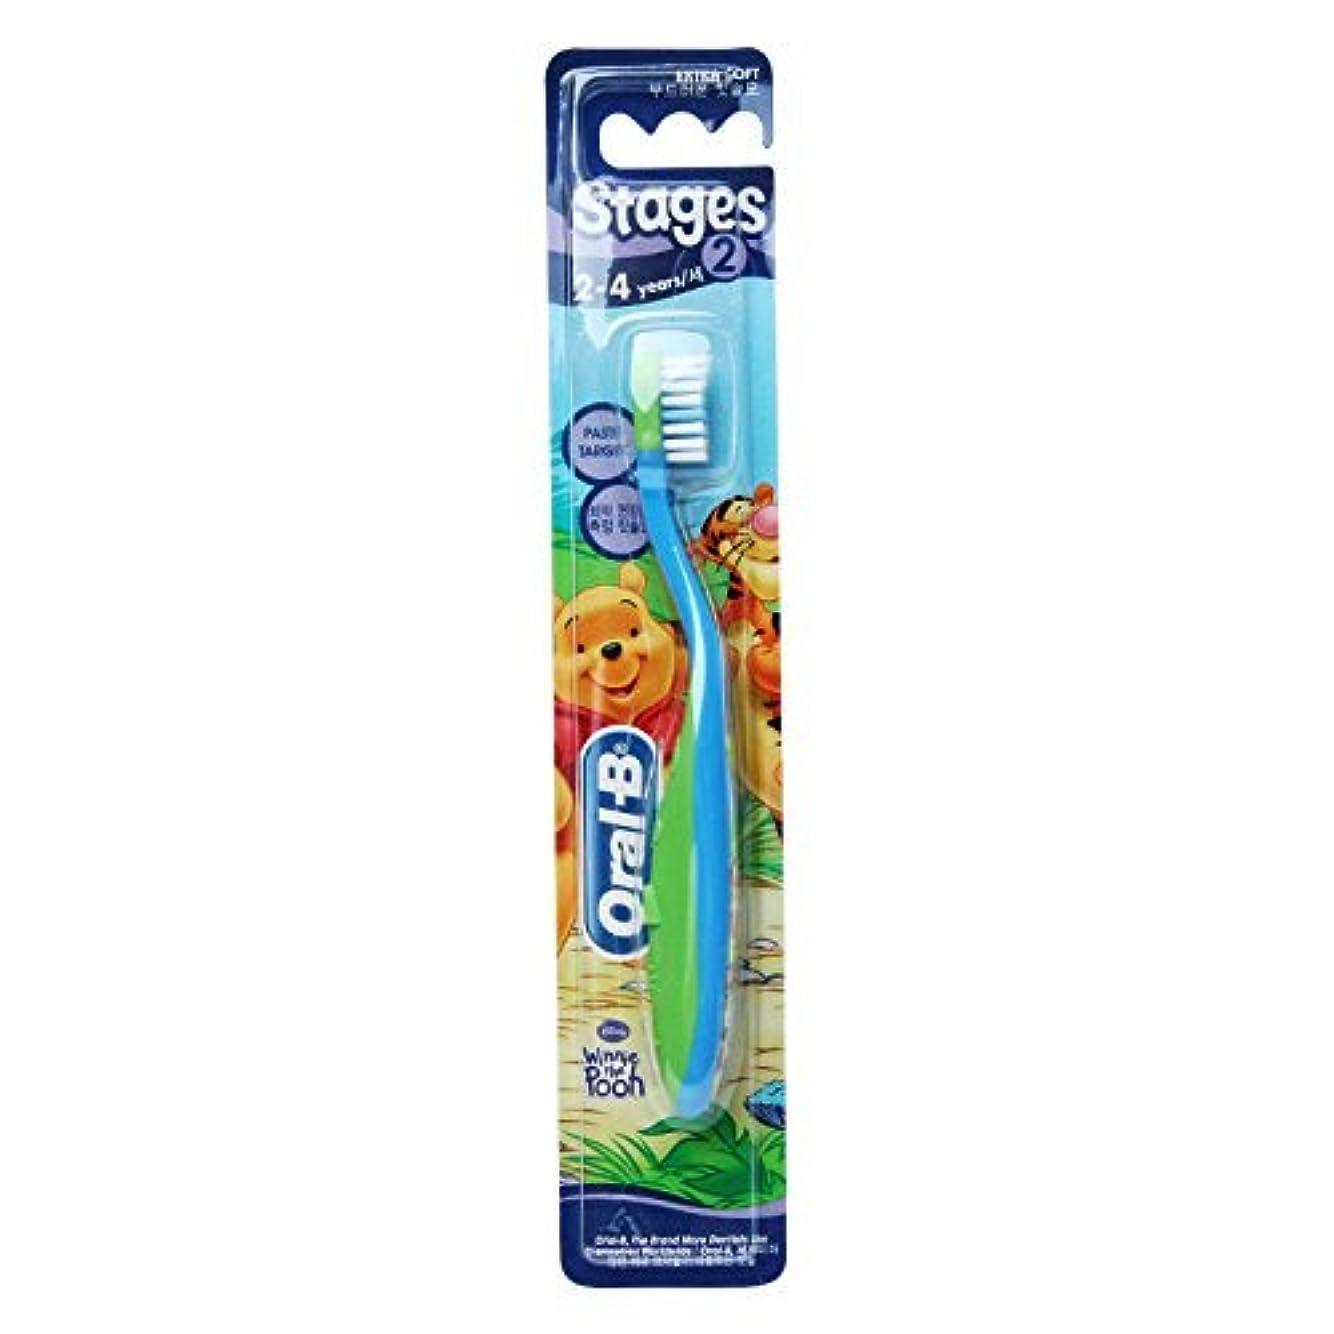 そよ風変な極めてOral-B Stages 2 Toothbrush 2 - 4 years 1 Pack /GENUINEと元の梱包 [並行輸入品]